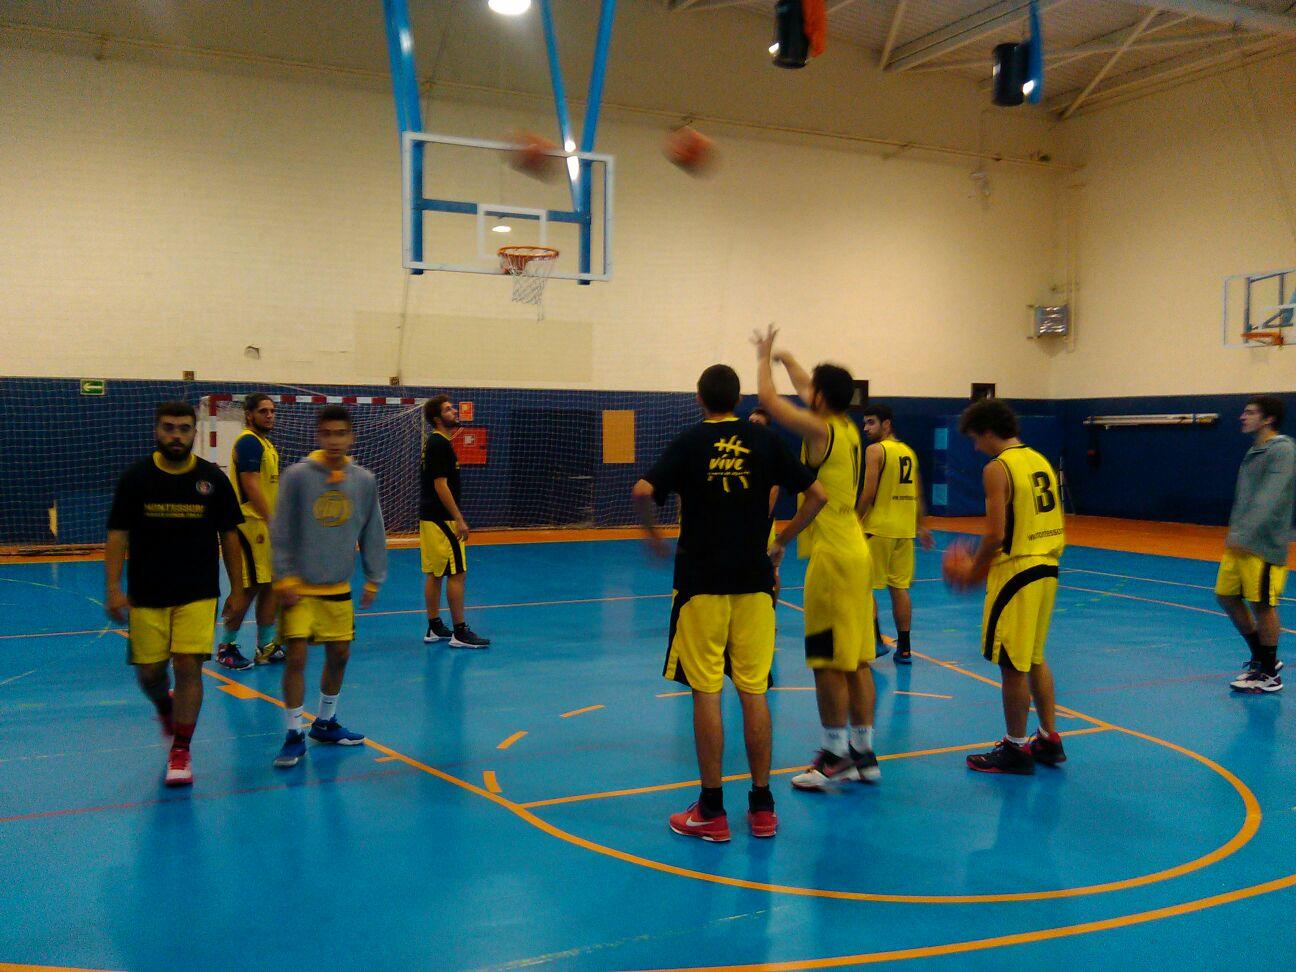 Baloncesto montessori sub21 masculino 15 10 2016 - Parque conde orgaz ...